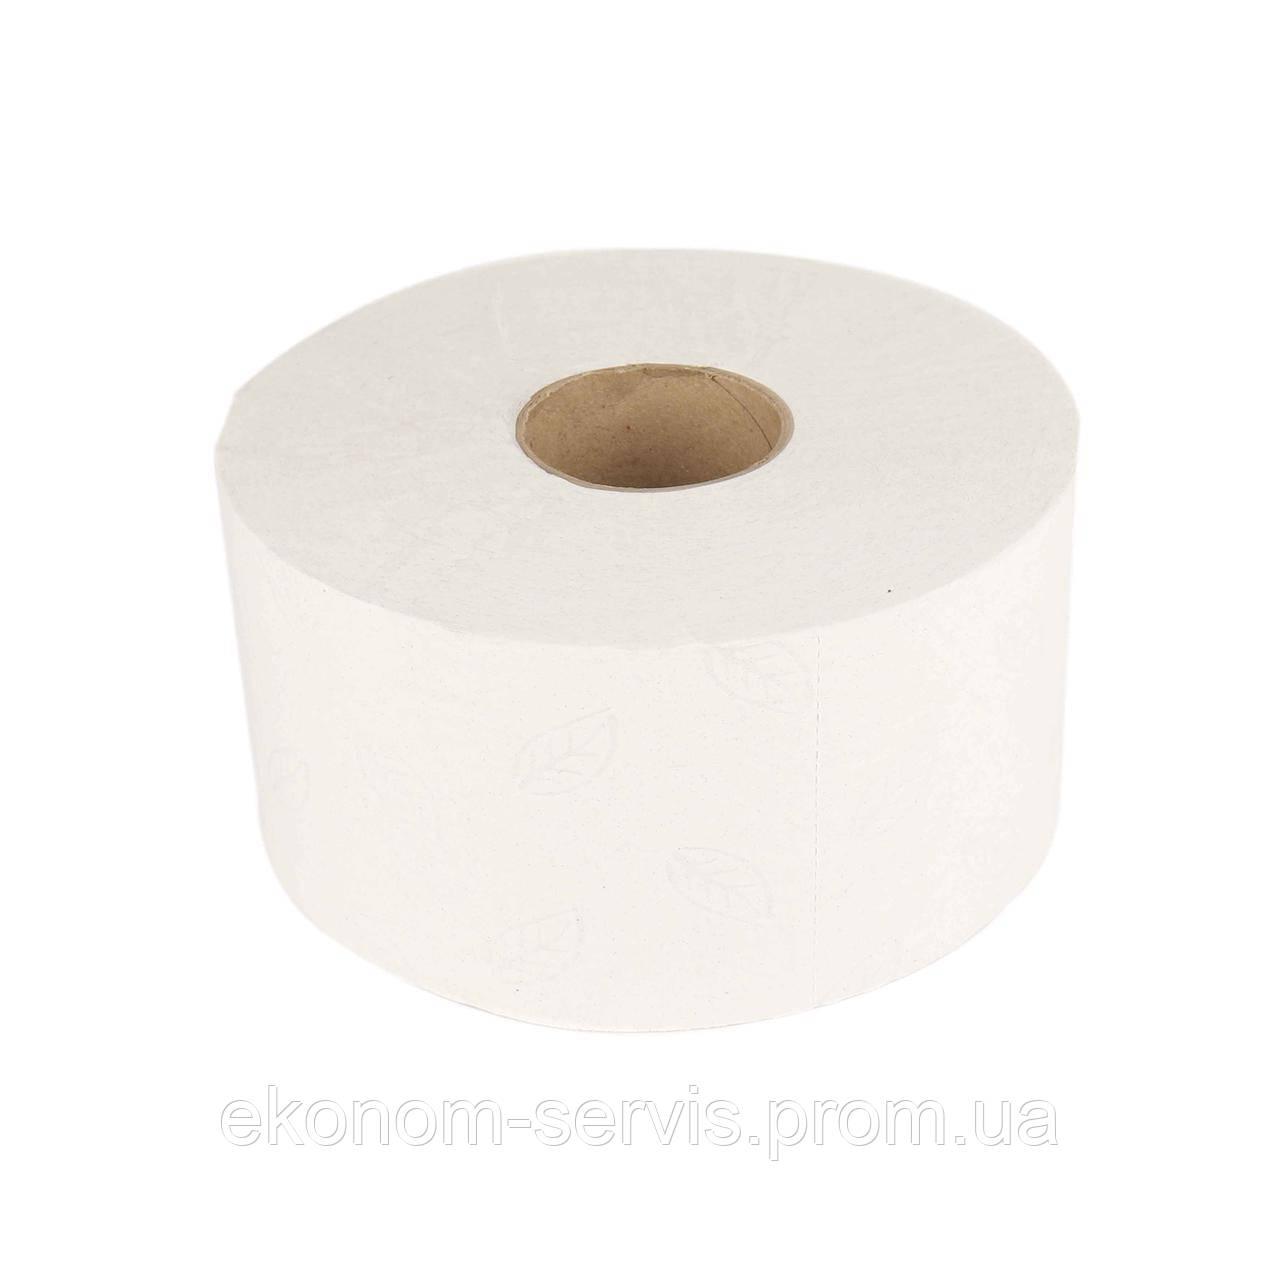 Туалетная бумага Tork Advanced в мини рулонах, 2-сл, 170м